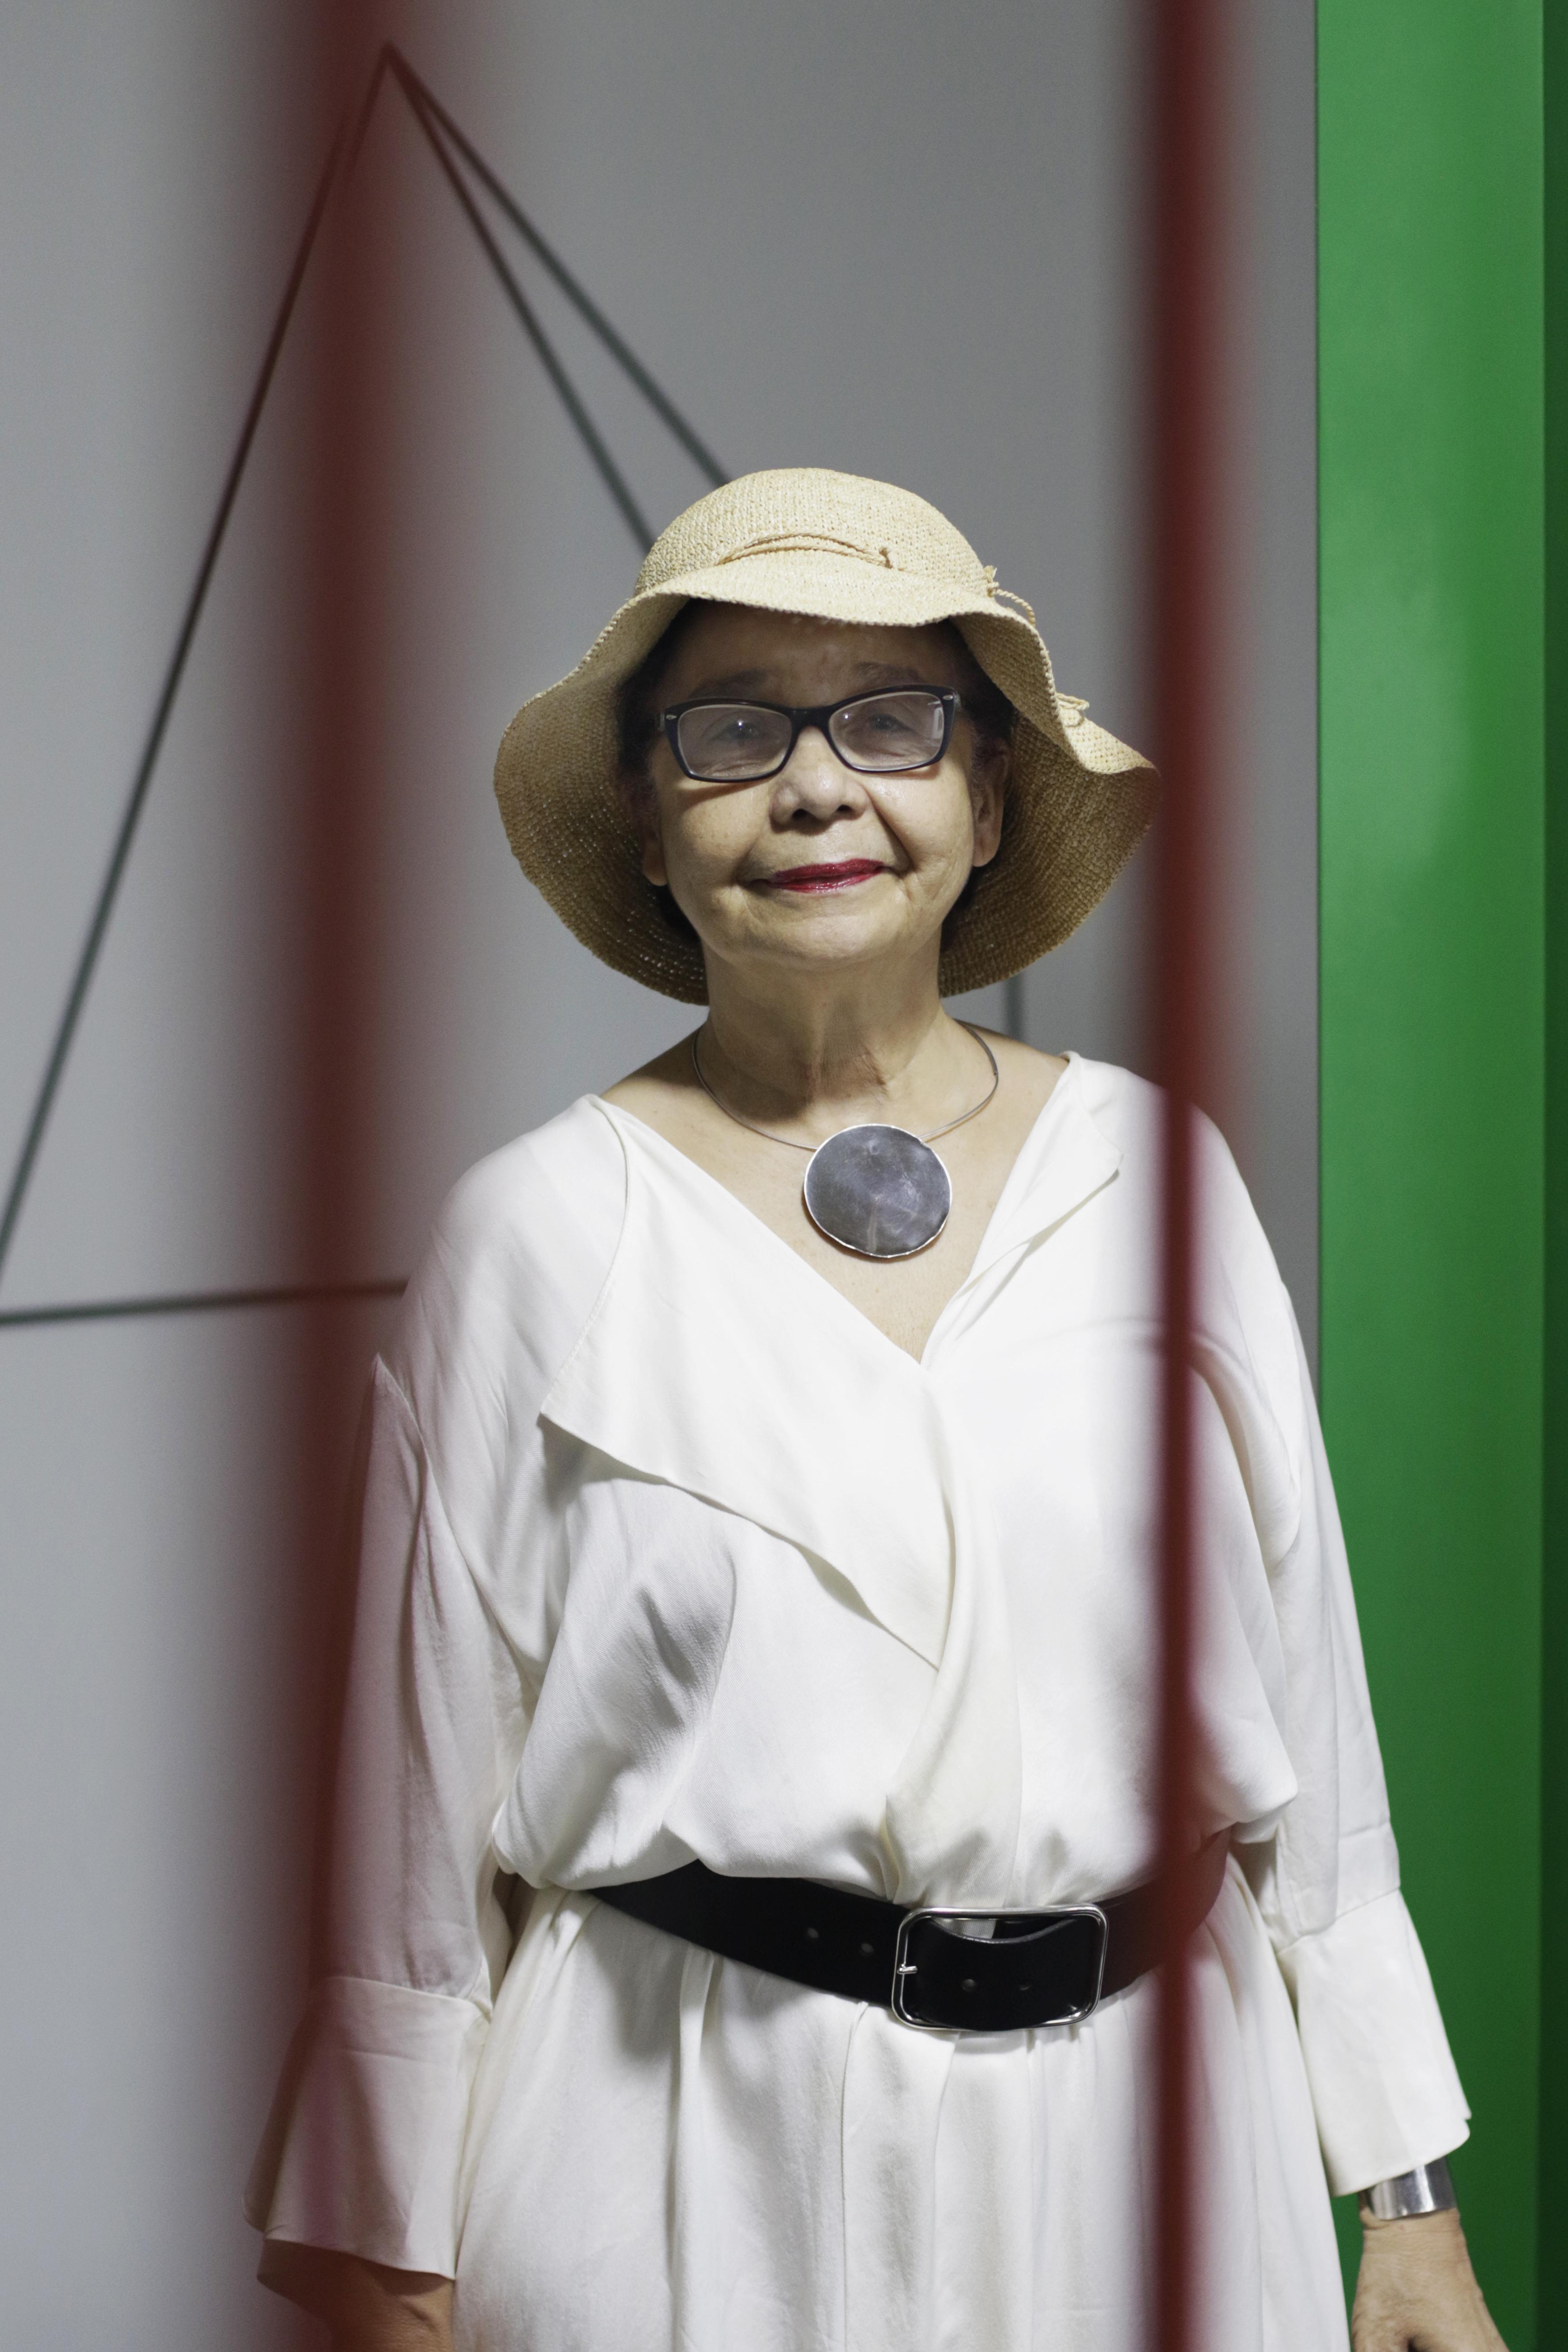 FORTALEZA, CE, BRASIL, 20.02.2021: Curadora e Artista Visual, Dodora Guimaraes (Foto: Thais Mesquita/O POVO) (Foto: Thais Mesquita)